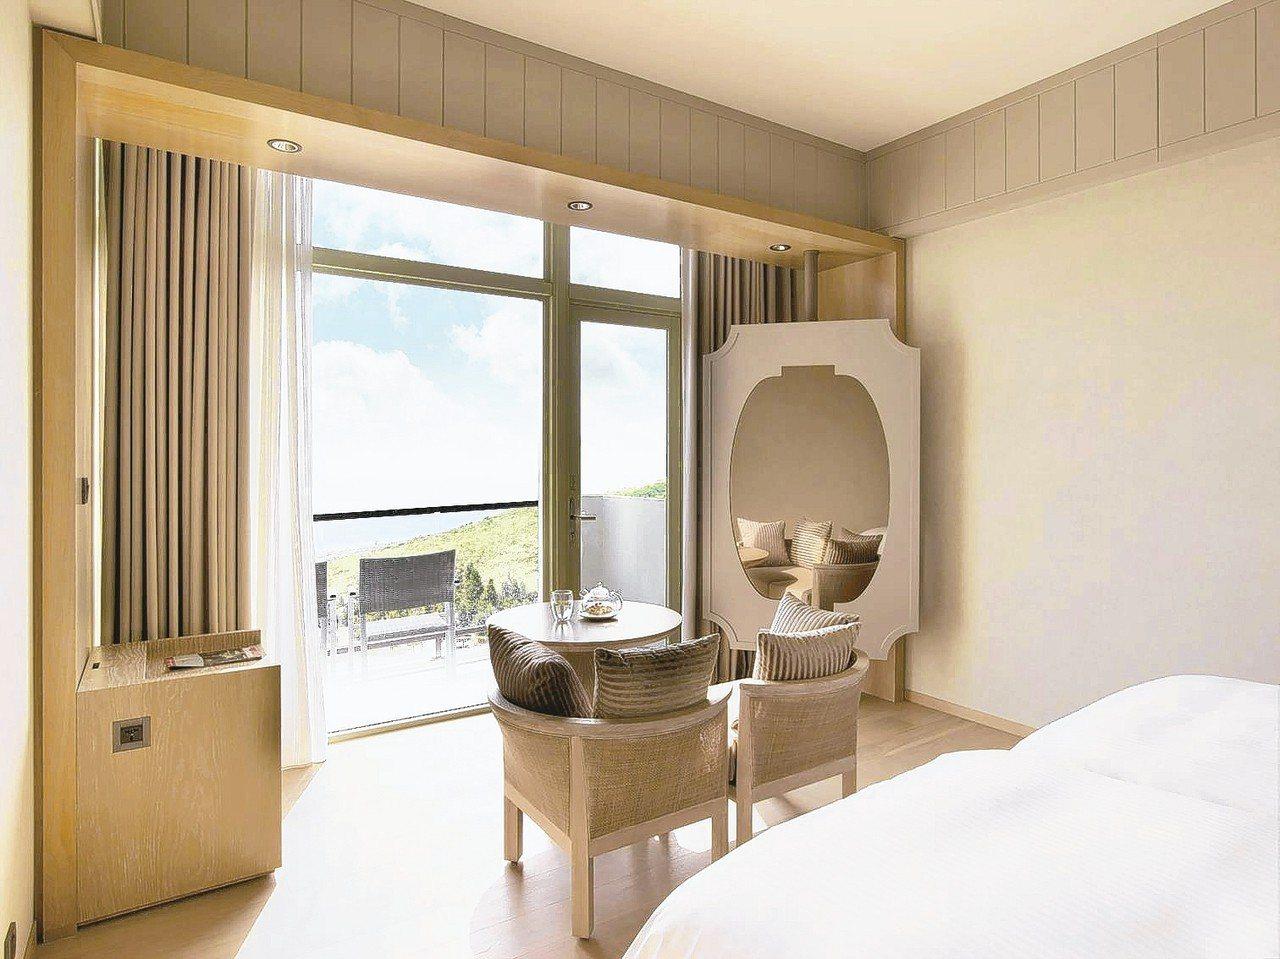 華泰瑞苑墾丁賓館推出全台獨家的「全包式在地旅遊行程」。 圖/華泰瑞苑提供